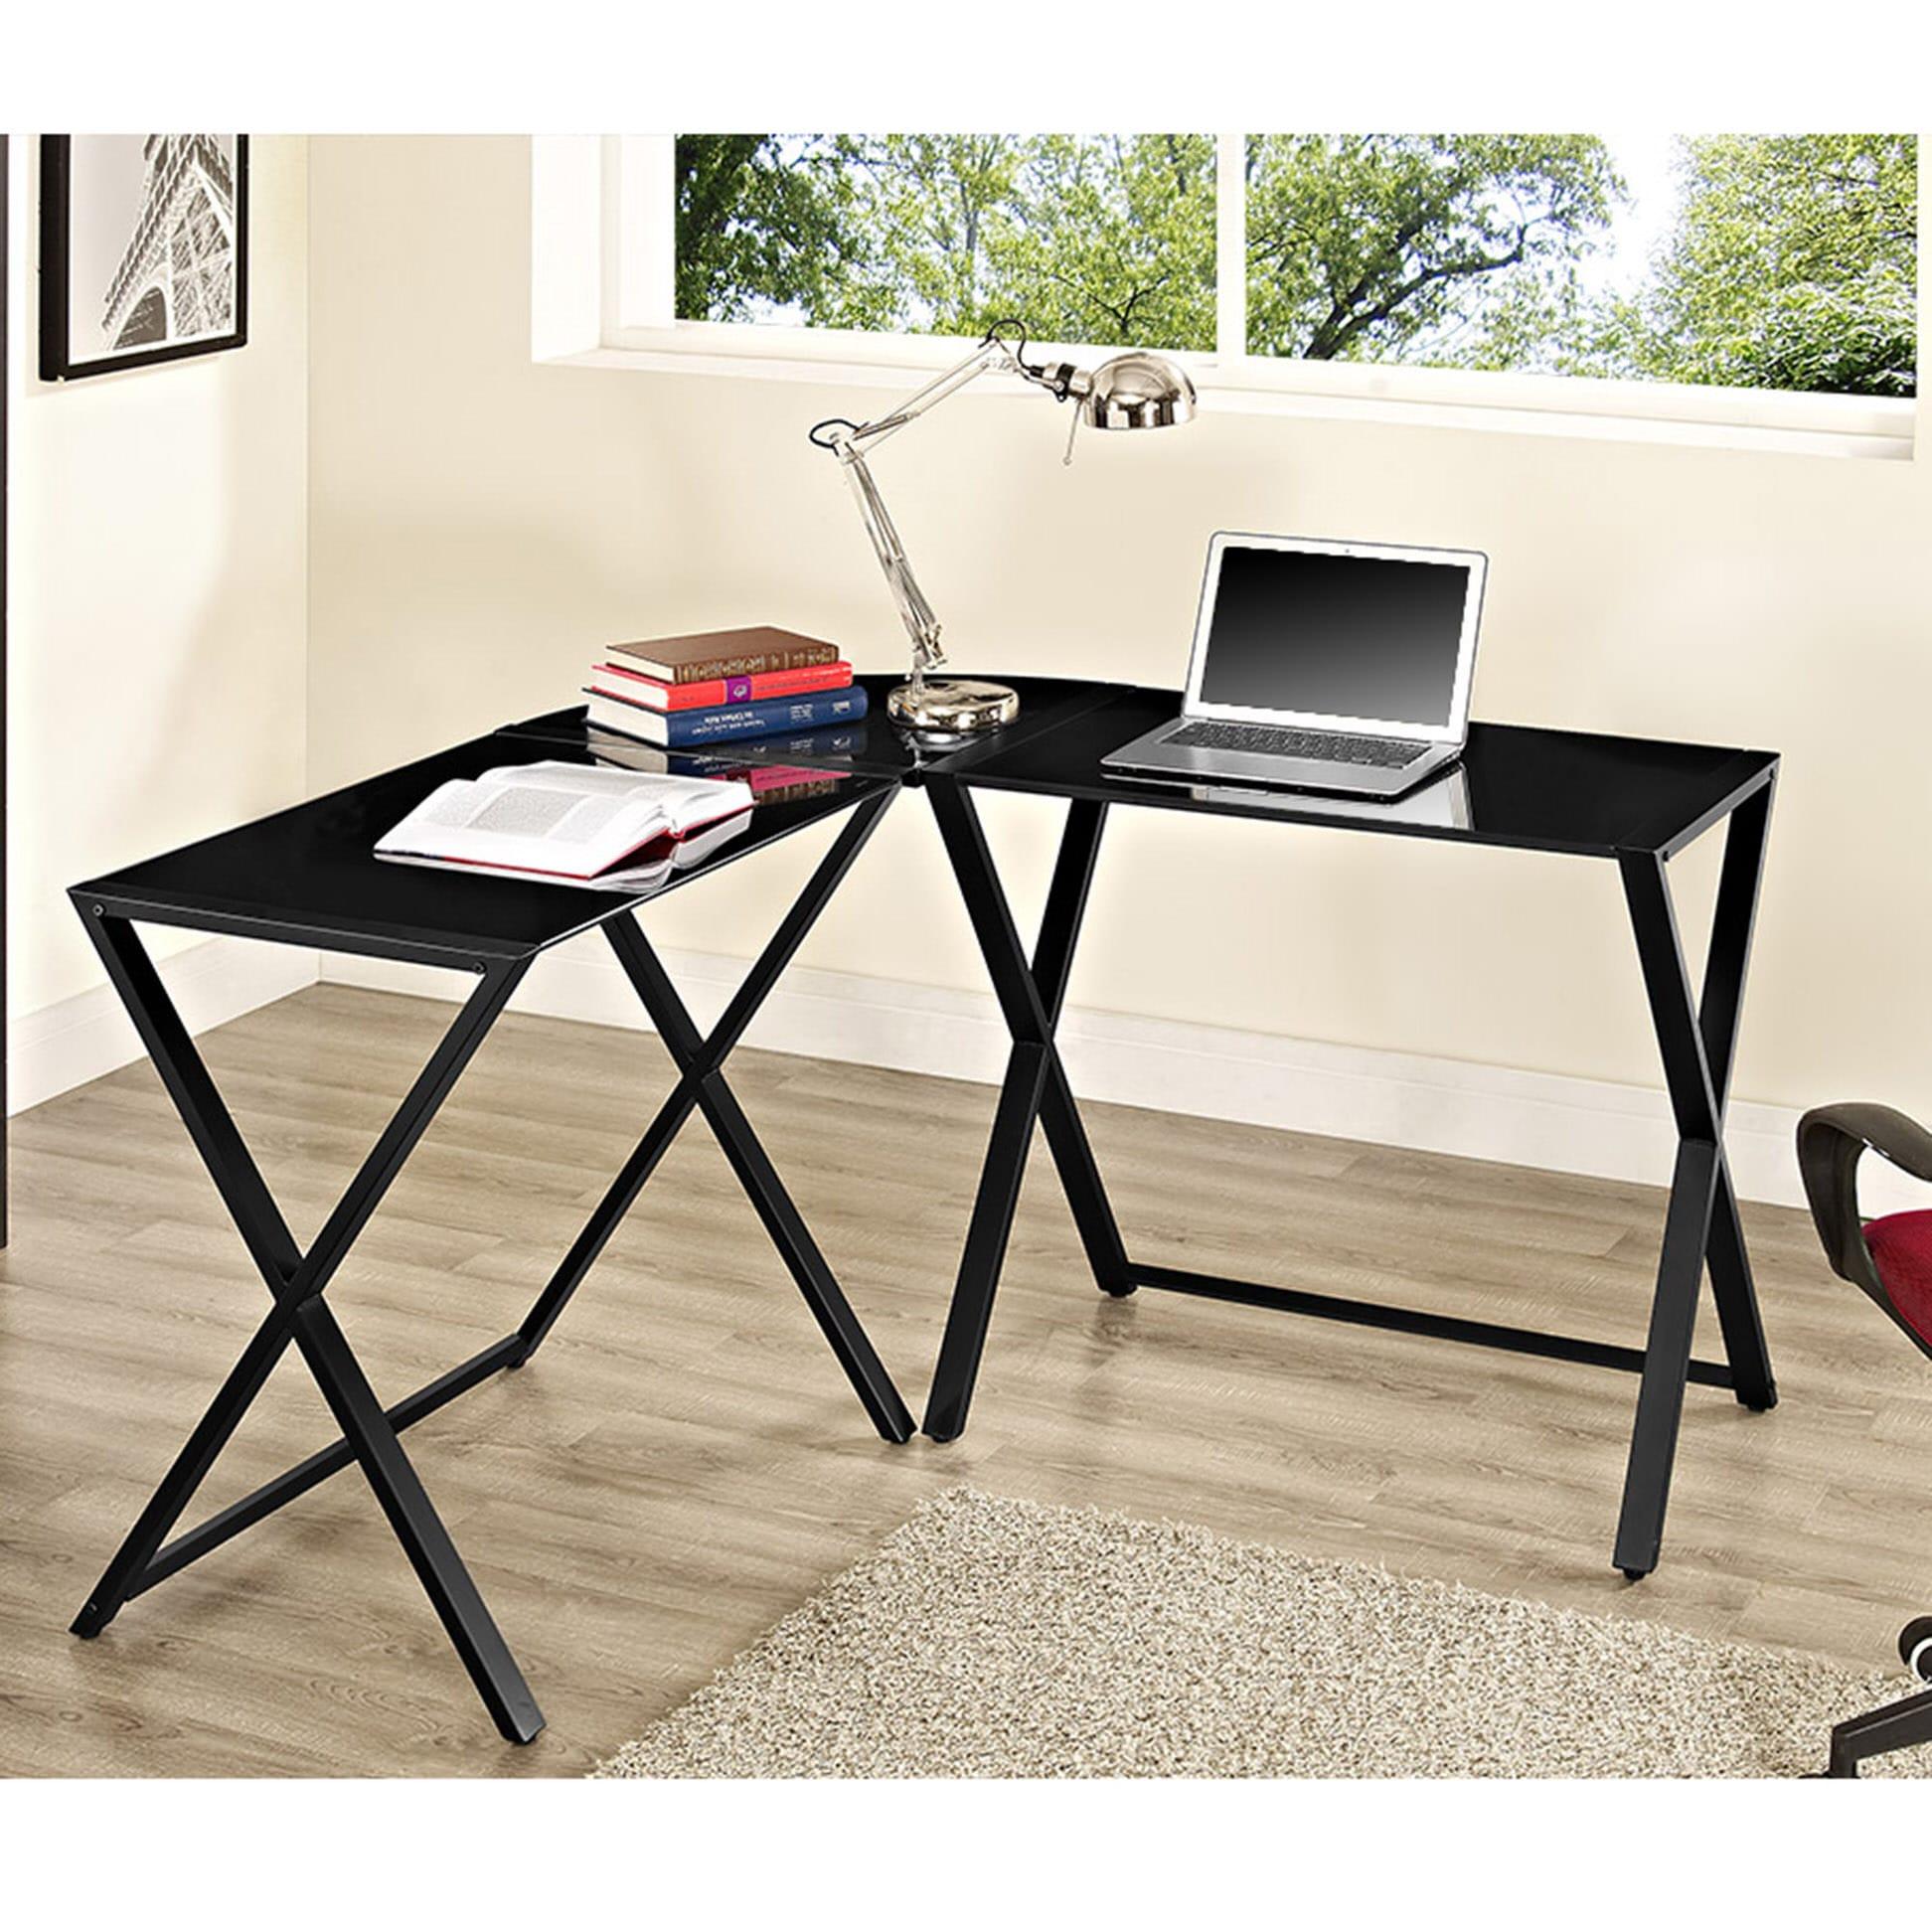 x frame glass metal l shaped computer desk black black by walker edison. Black Bedroom Furniture Sets. Home Design Ideas